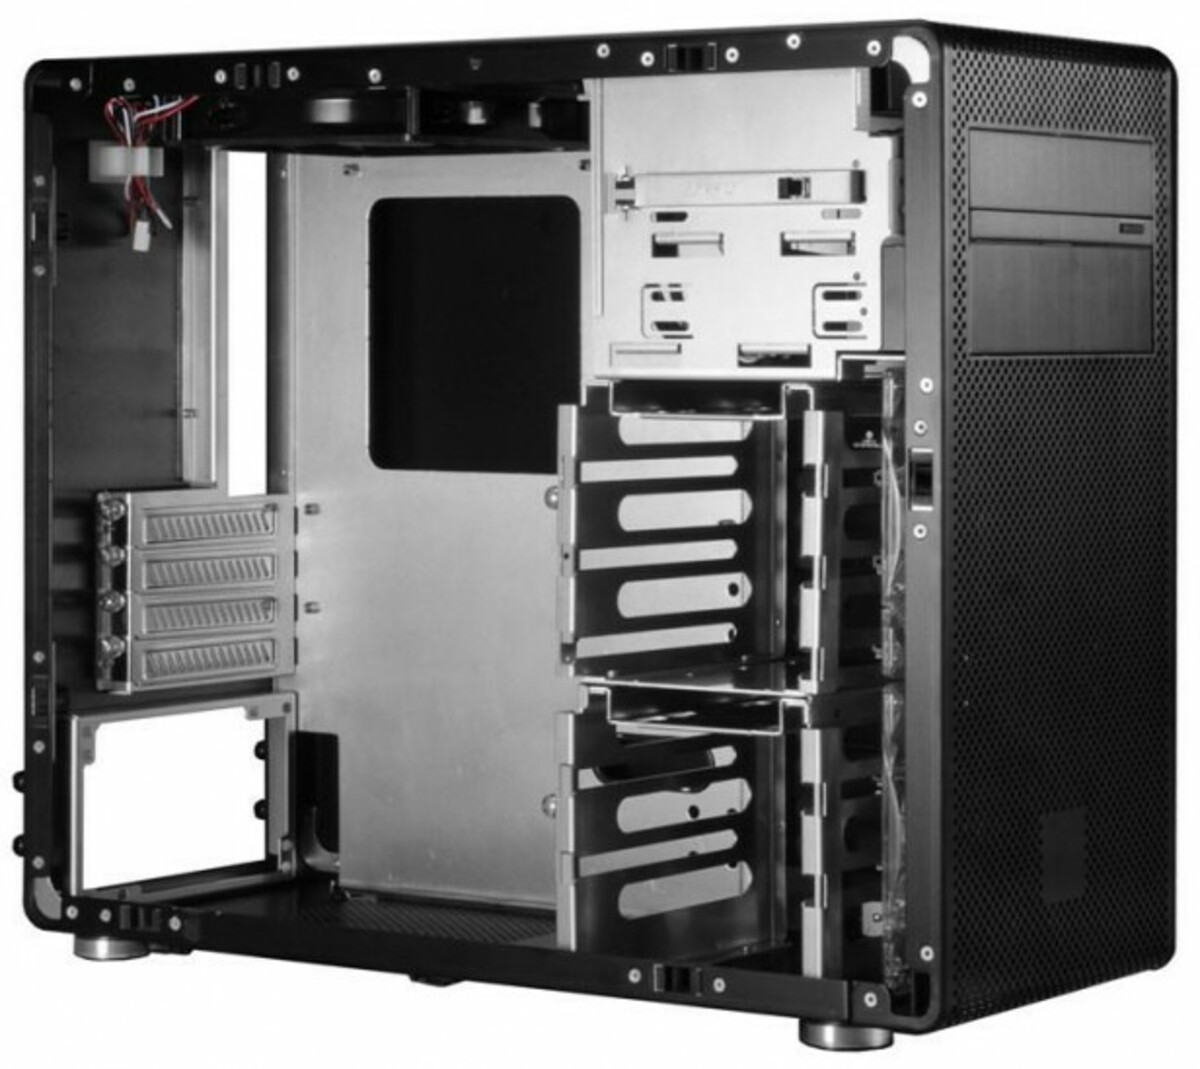 Lian Li PC V600F Negra Interior e1309892969309 2